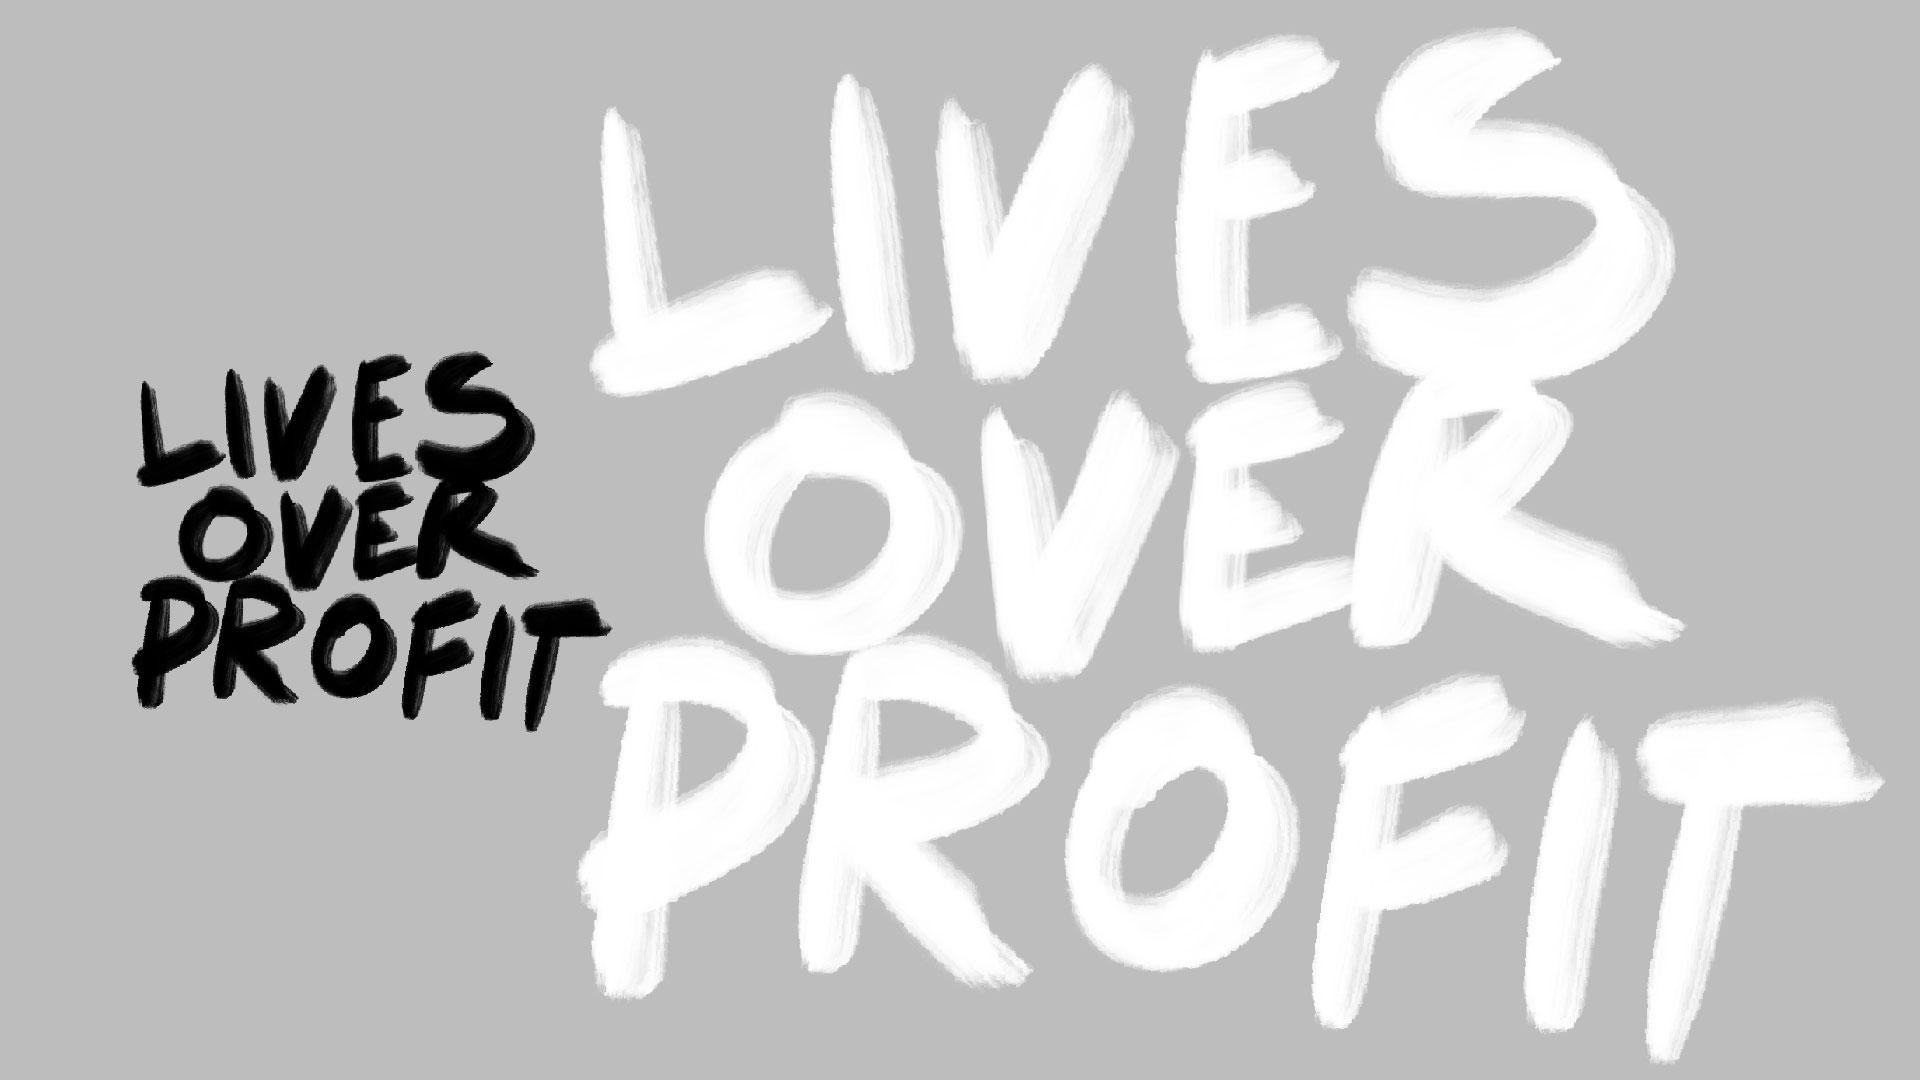 Lives over profit